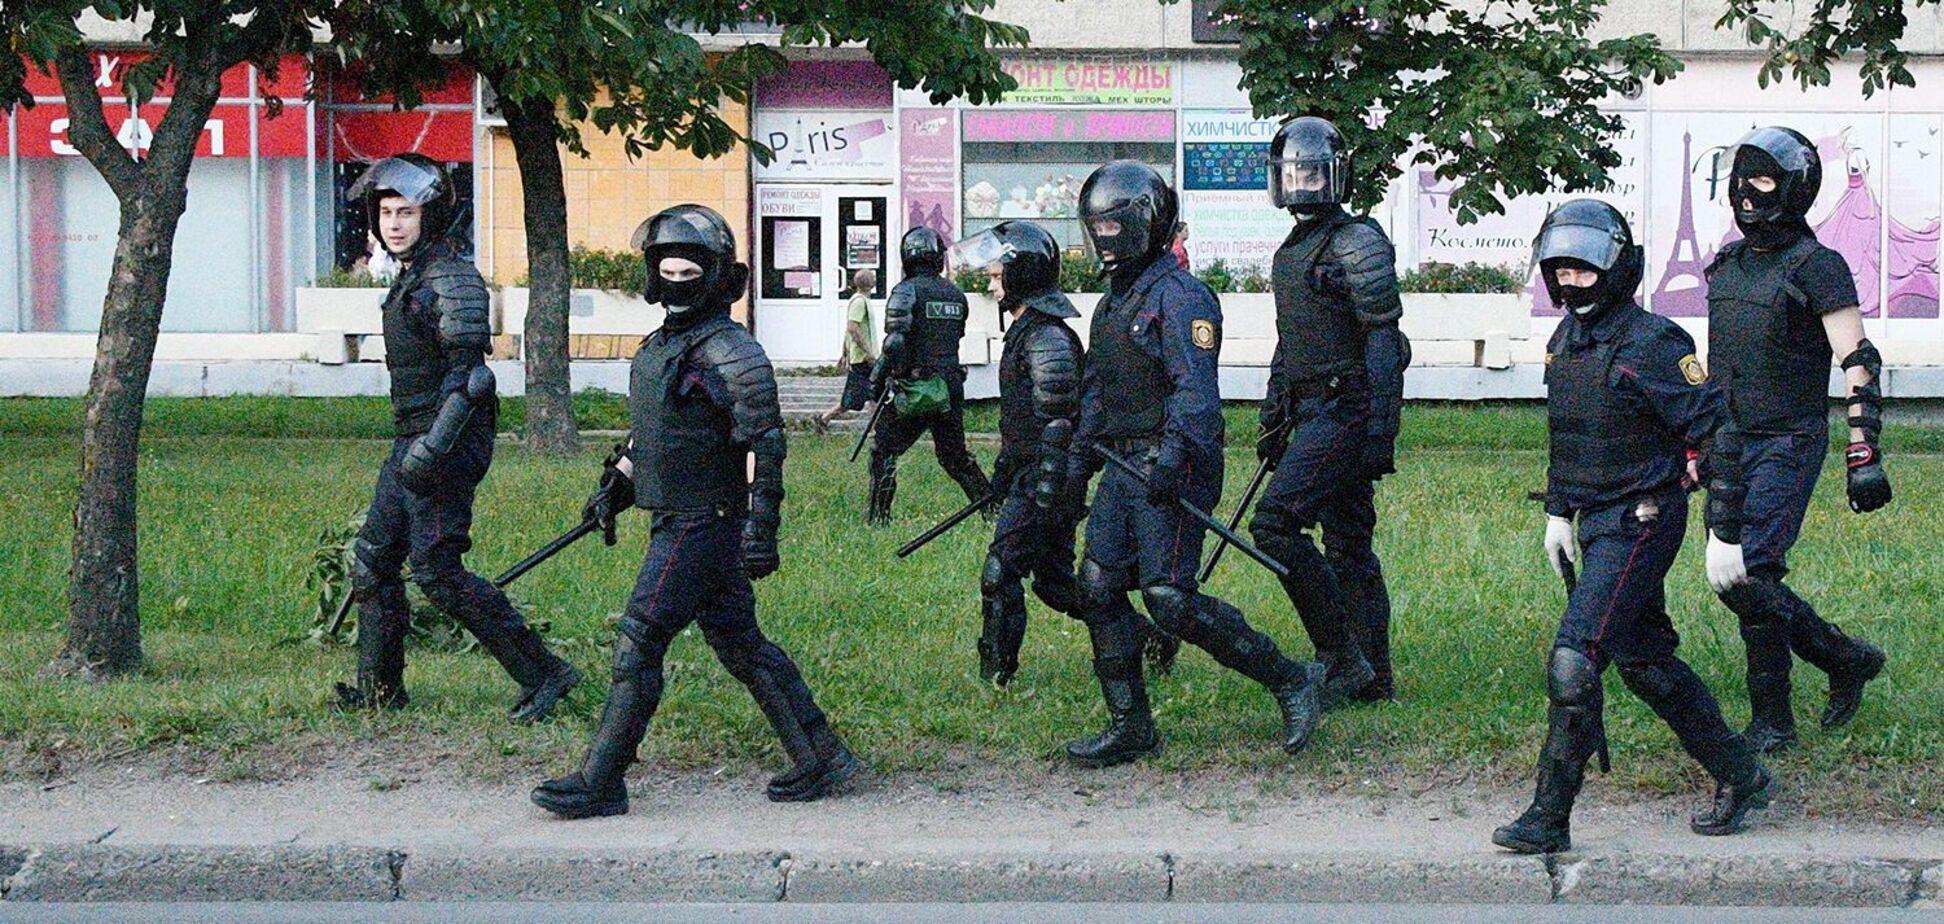 В Беларуси опубликованы данные сотрудников МВД. Фото: Газета.ру